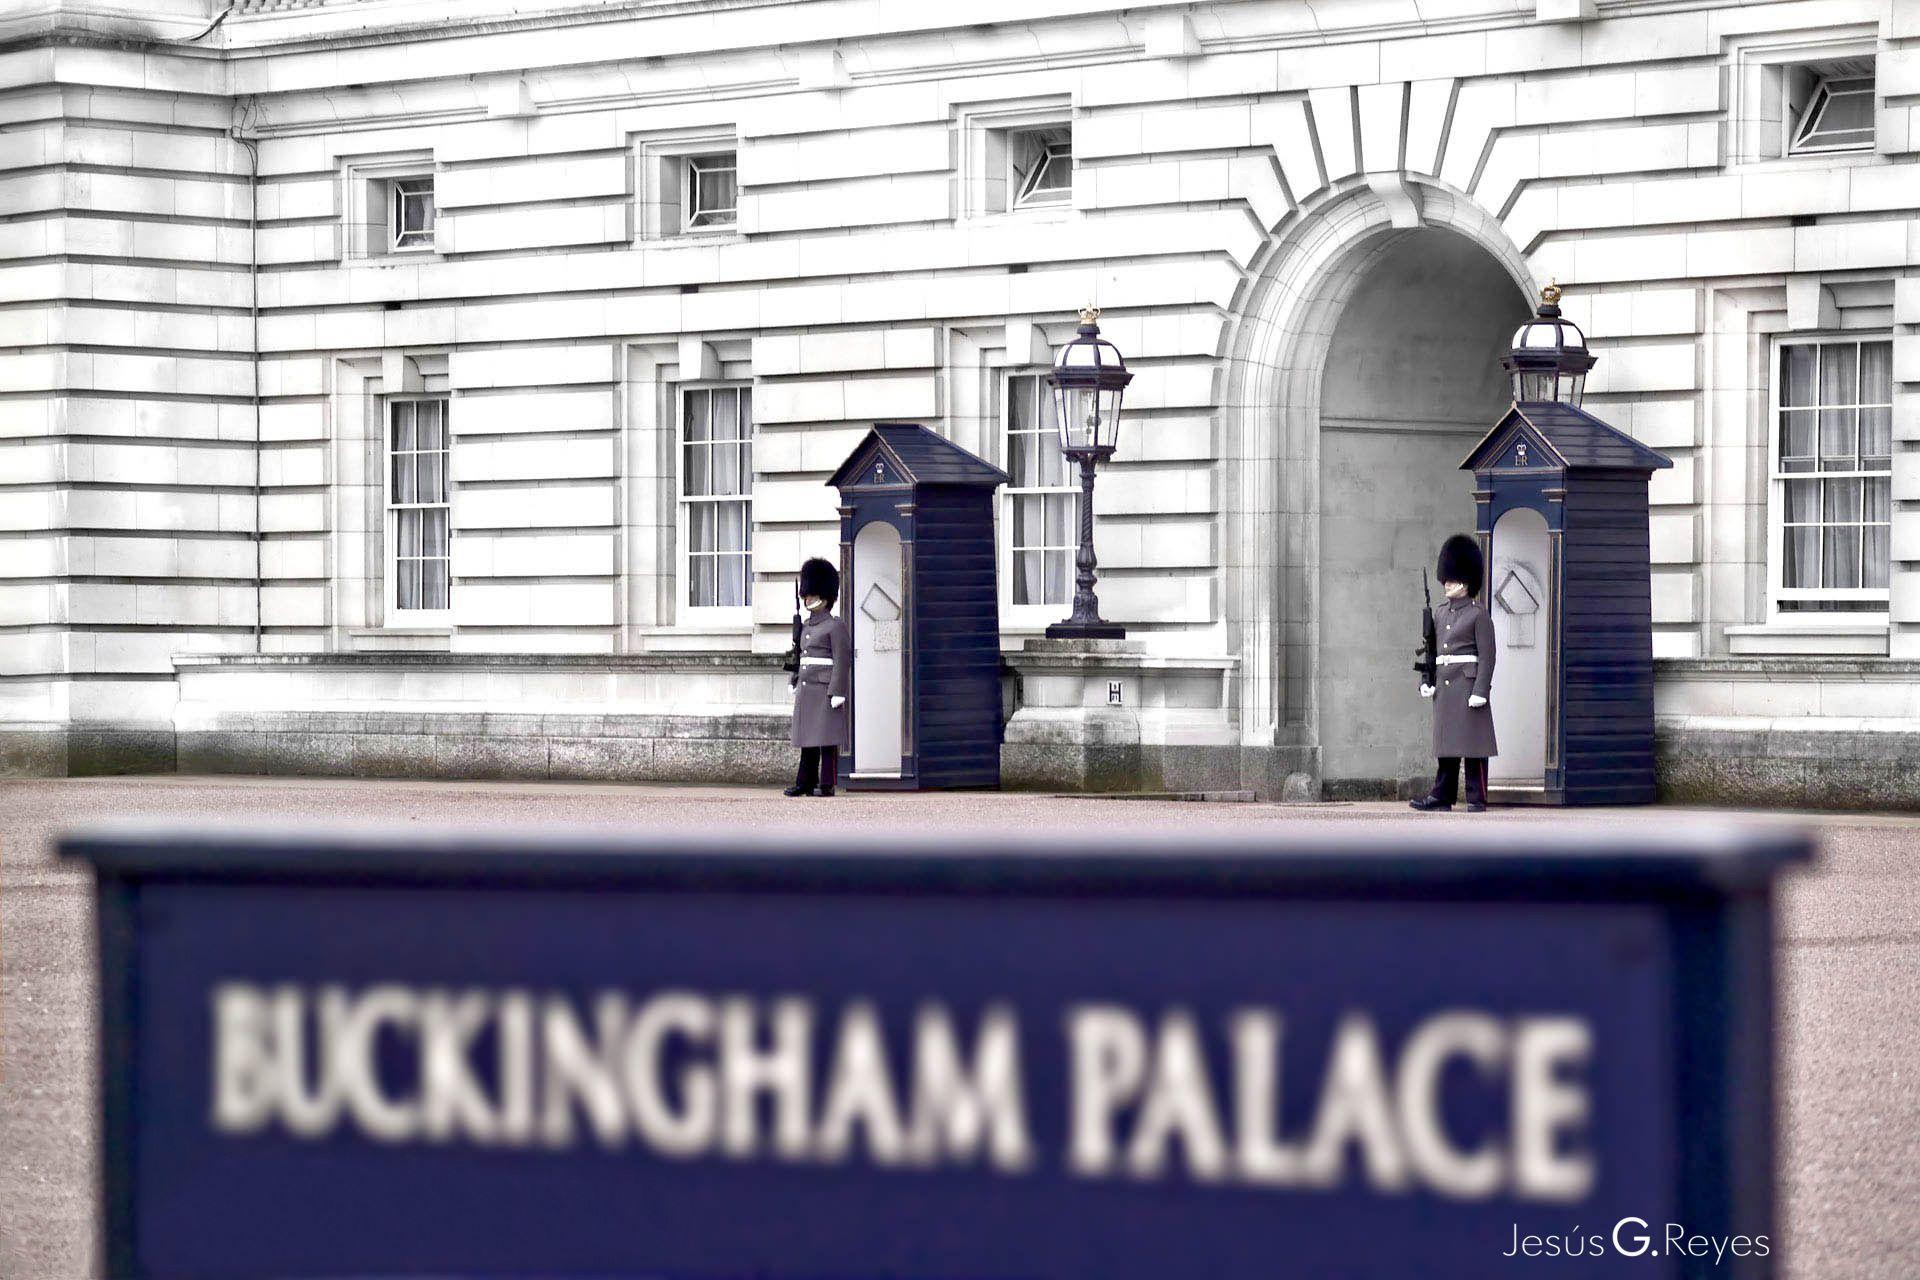 Buckingham palace. Londres